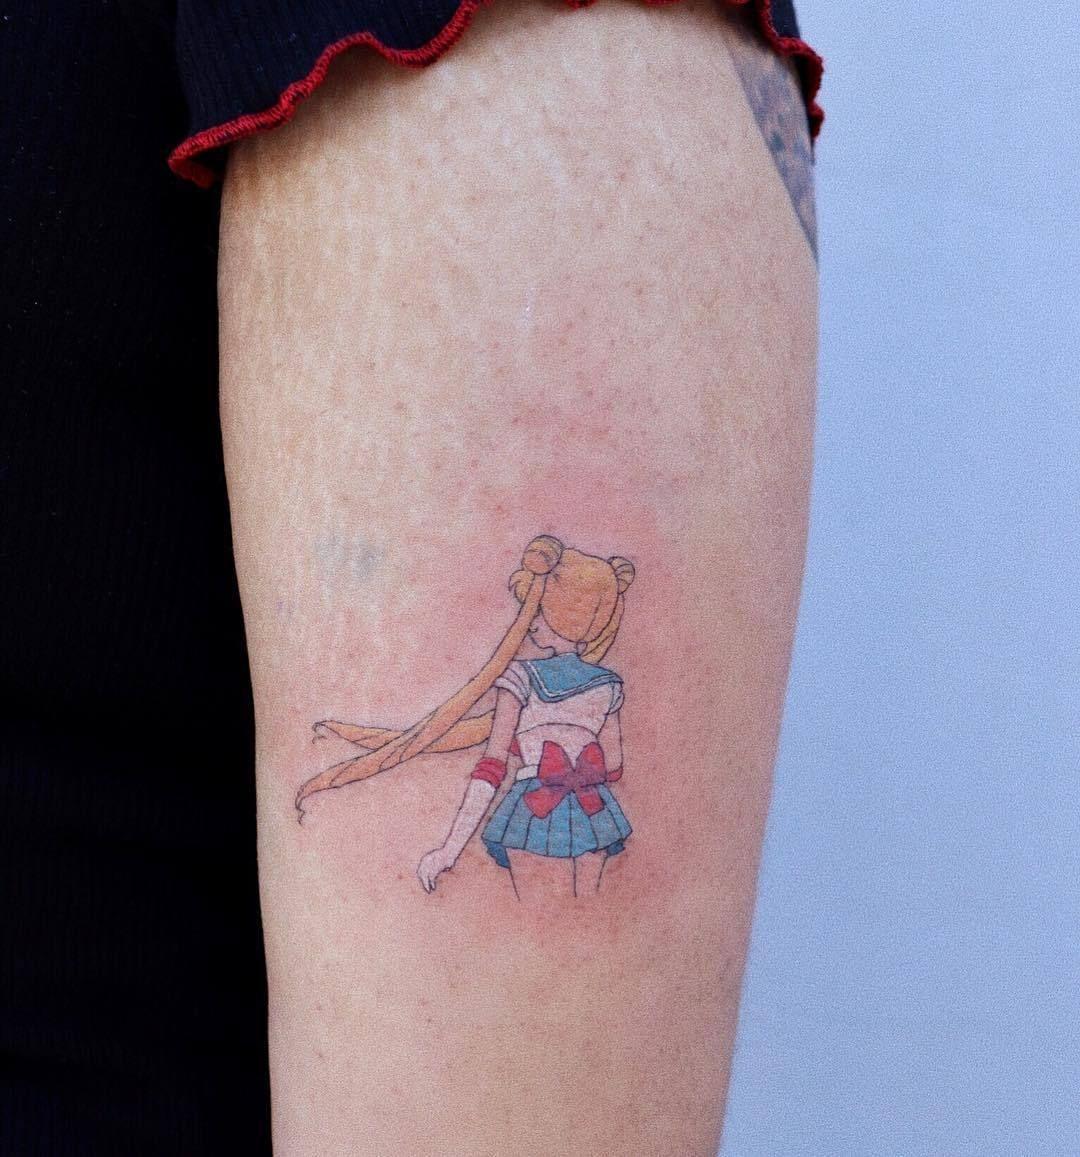 𝐬𝐮𝐠𝐚_𝐧_𝐜𝐫𝐞𝐚𝐦 Sailor moon tattoo, Kawaii tattoo